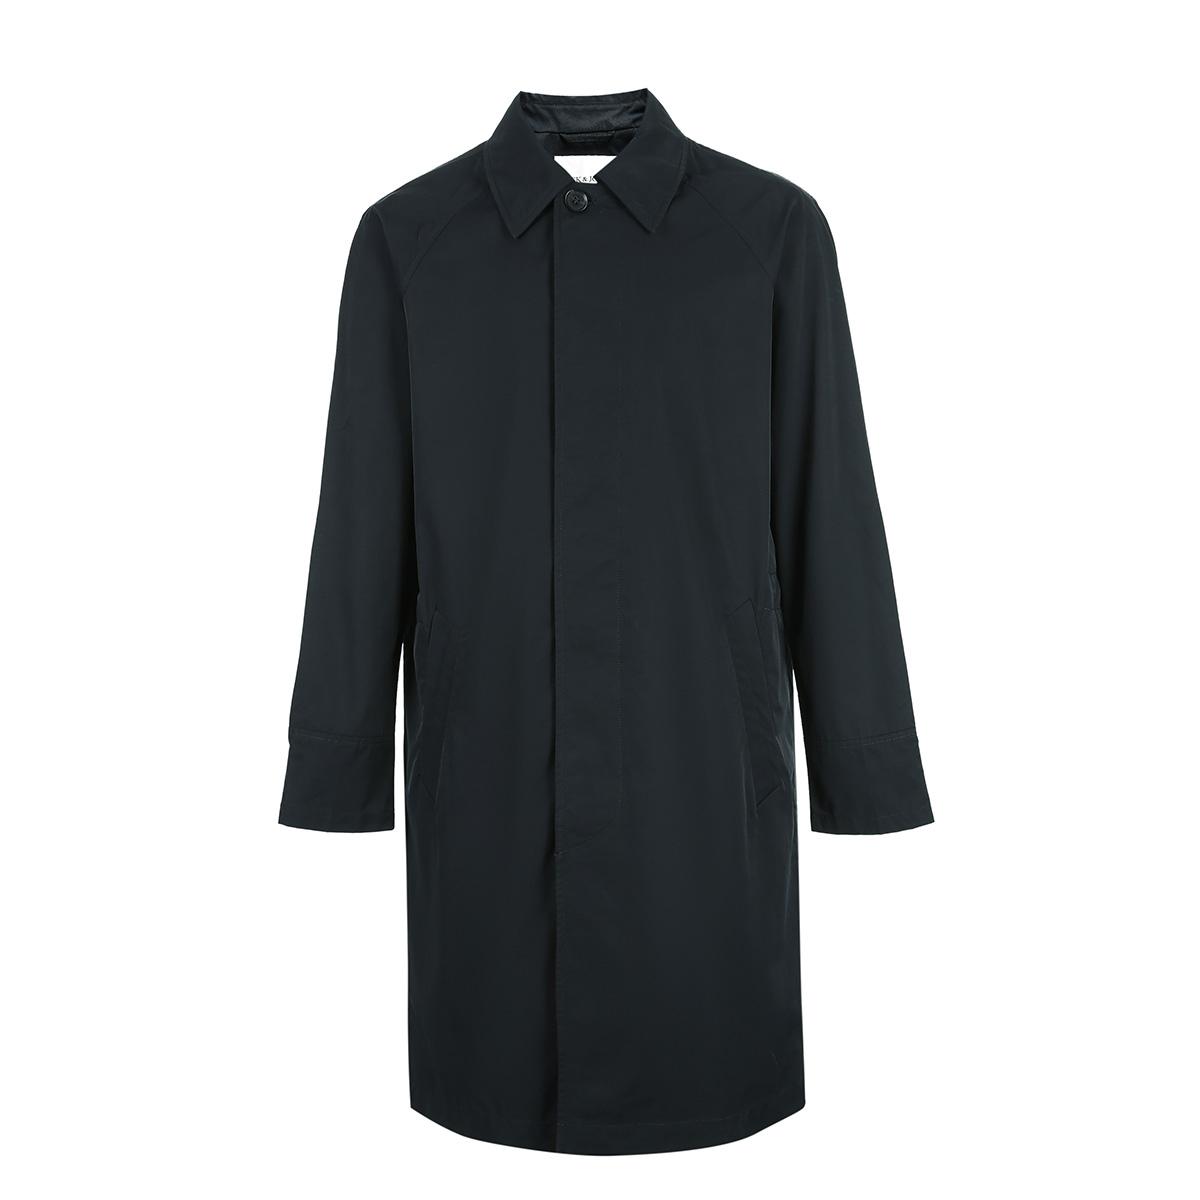 绫致JackJones杰克琼斯翻领时尚中长款风衣外套男219121528